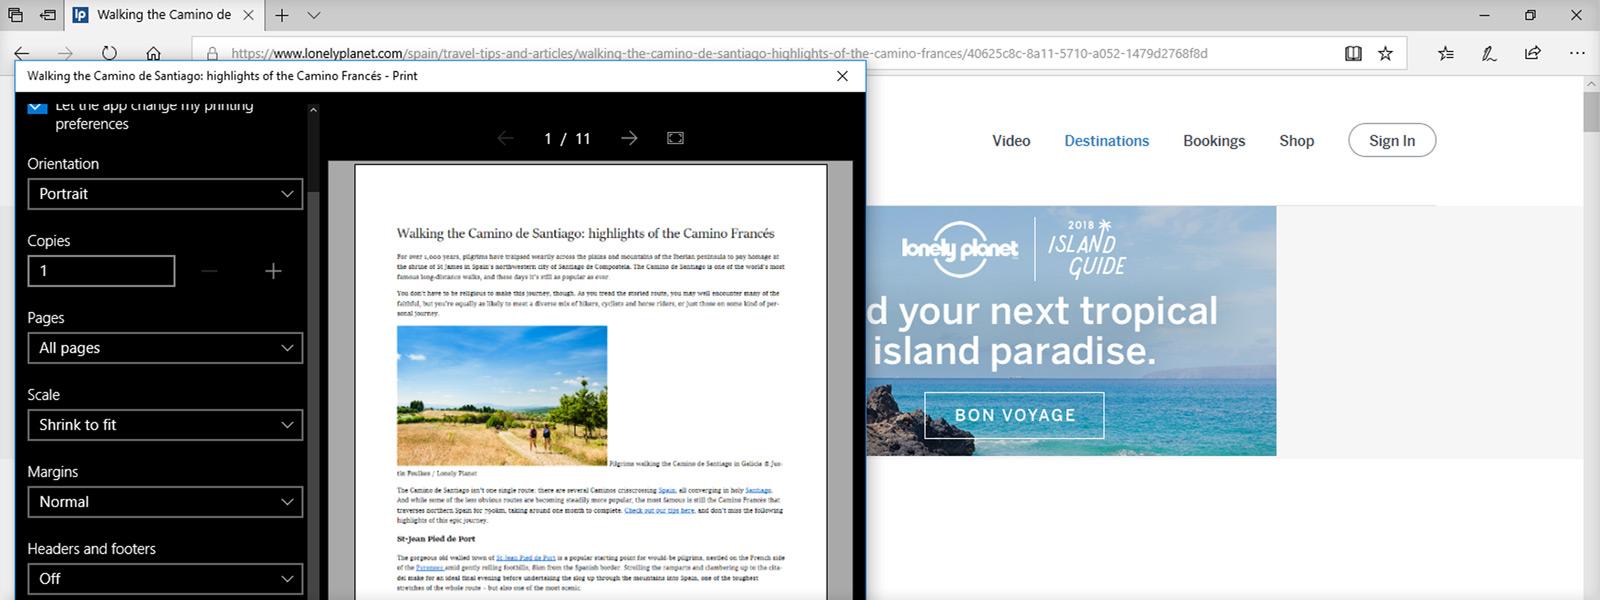 Imagen de pantalla de una vista previa de impresión en Edge sin anuncios publicitarios en un una página web